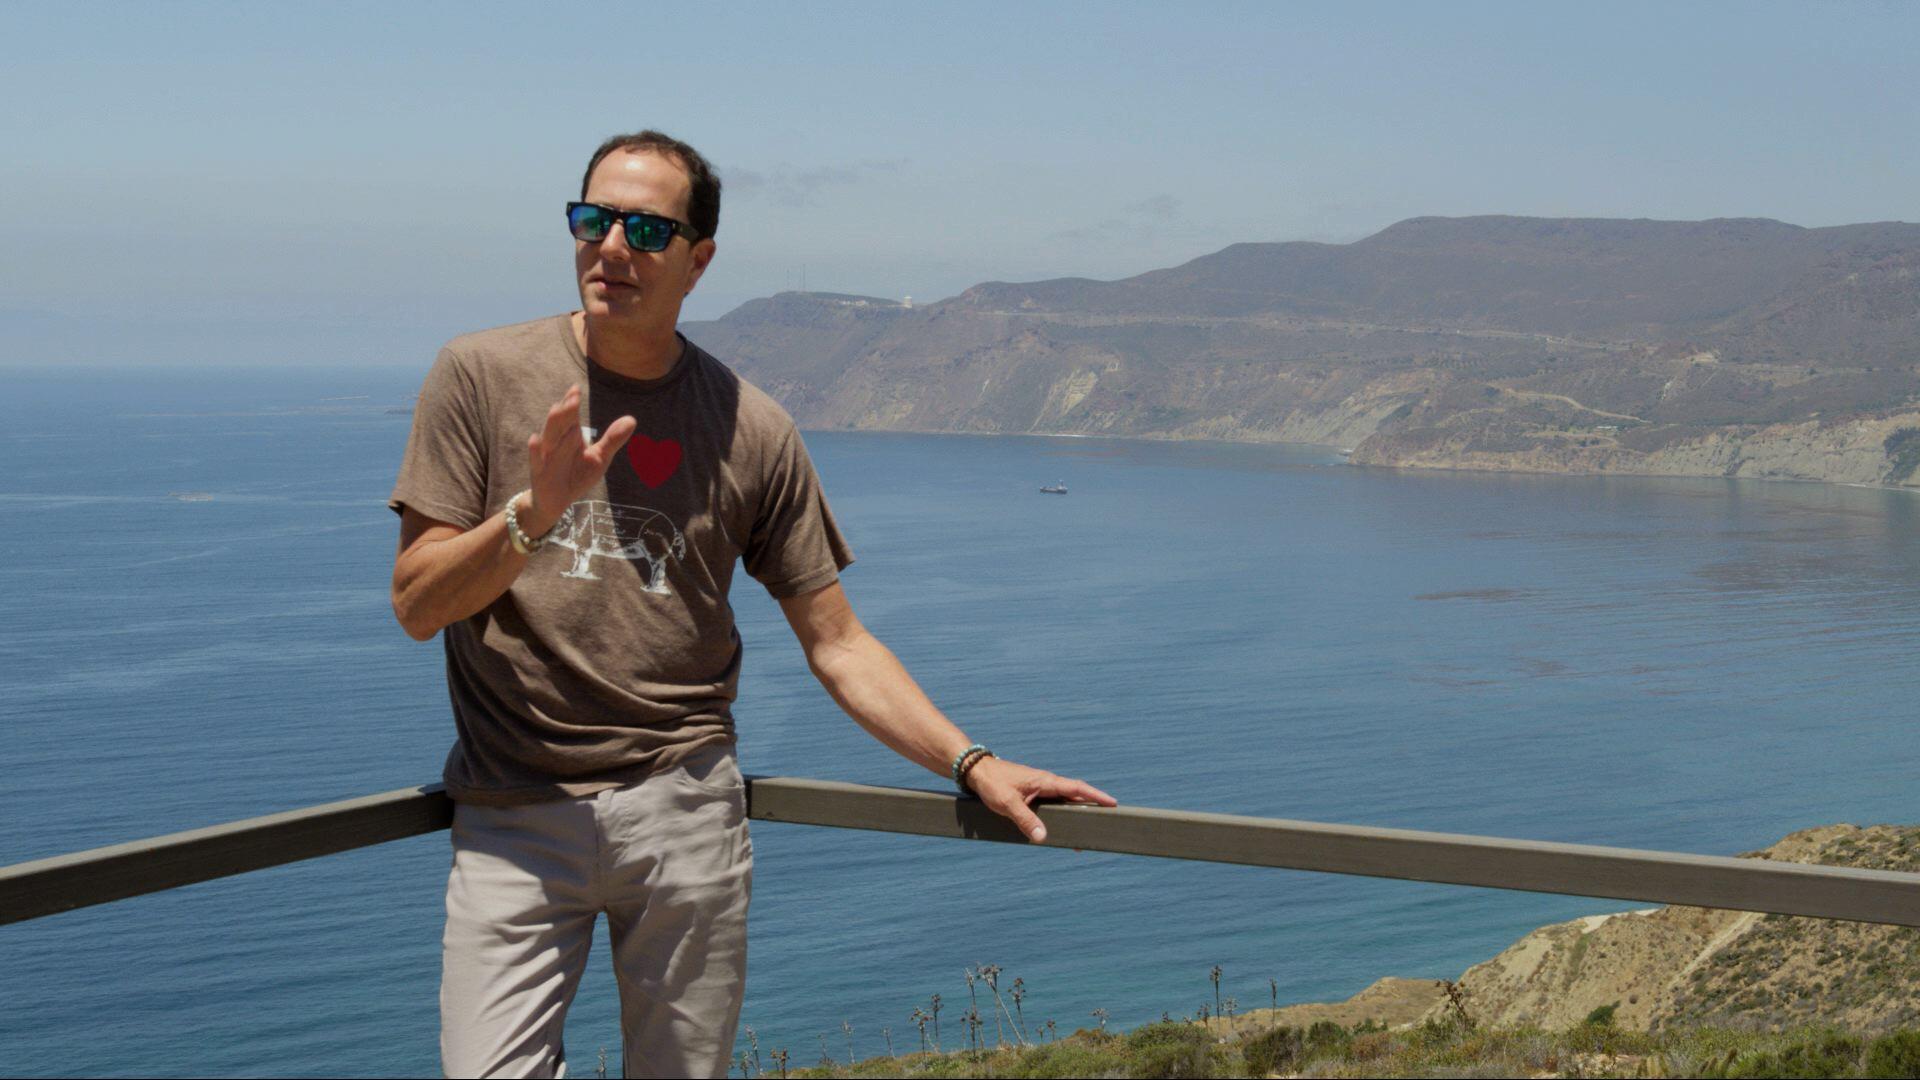 Sam at   Cuatro Cuartos vineyard   overlooking   Ensenada